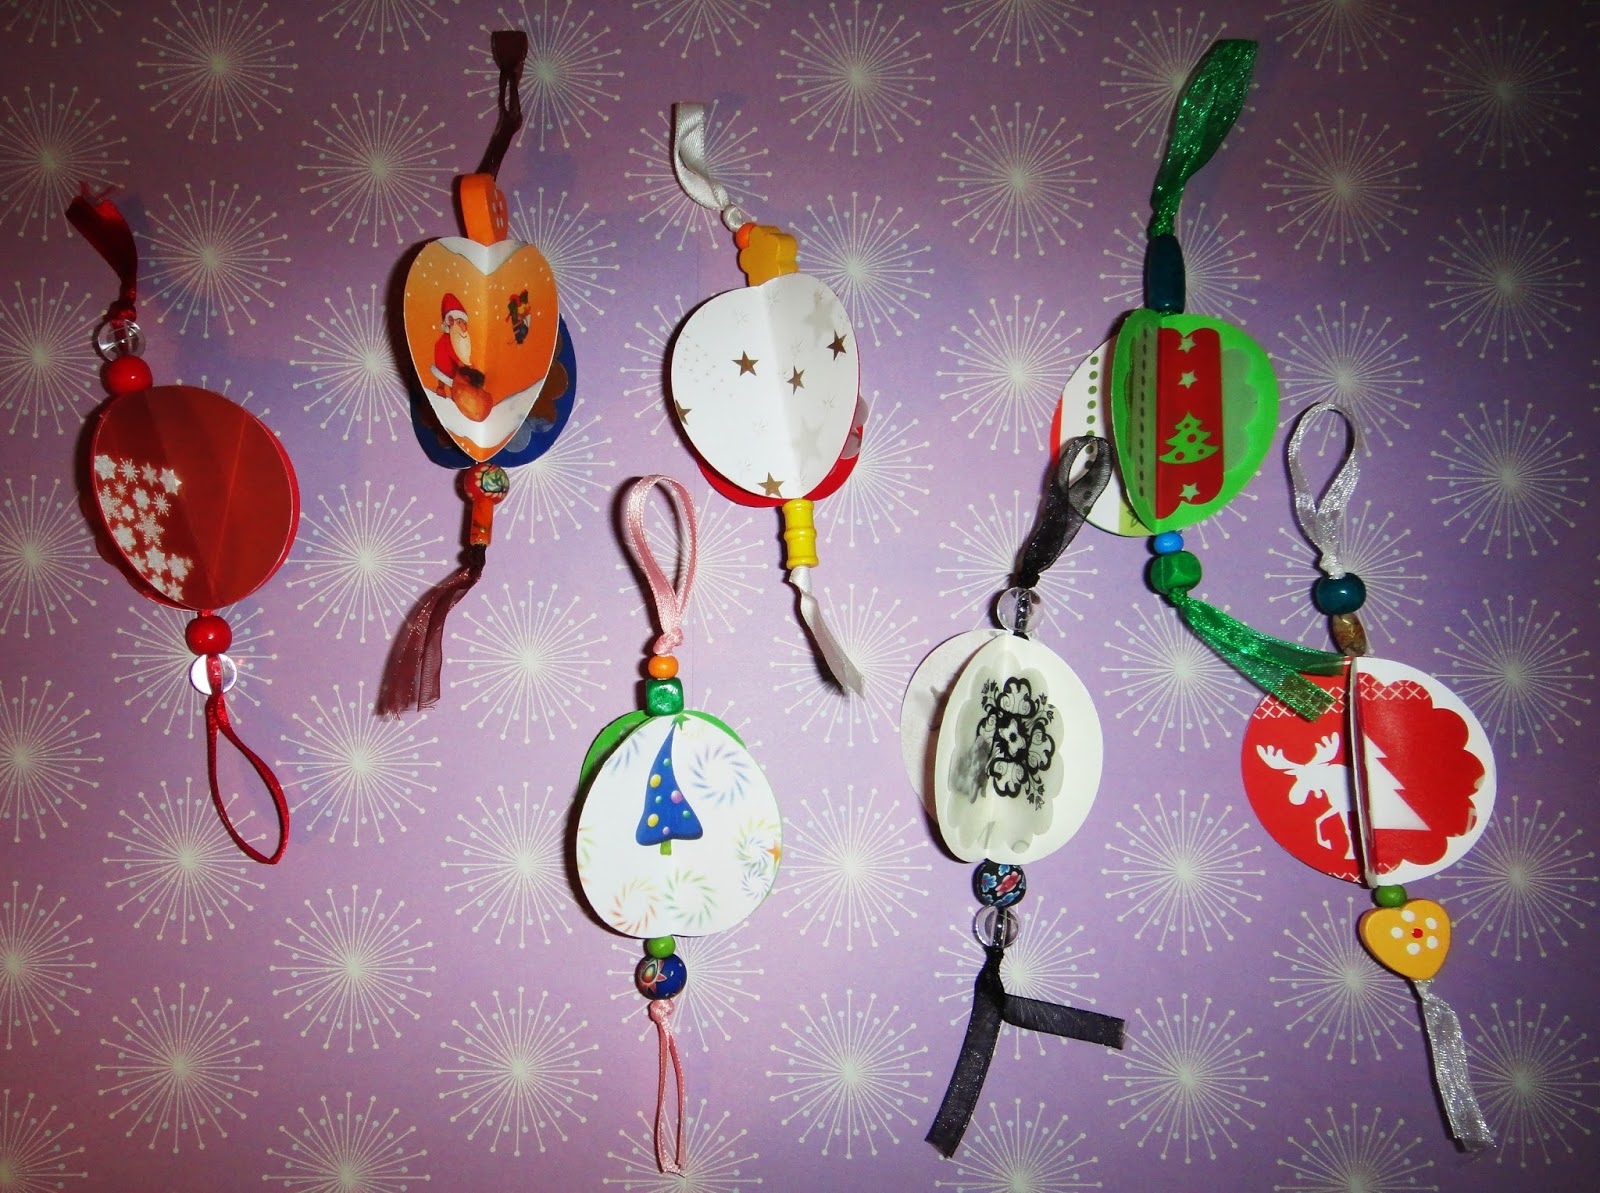 El taller de naid adornos de navidad con cartulina - Adornos de navidad con cartulina ...